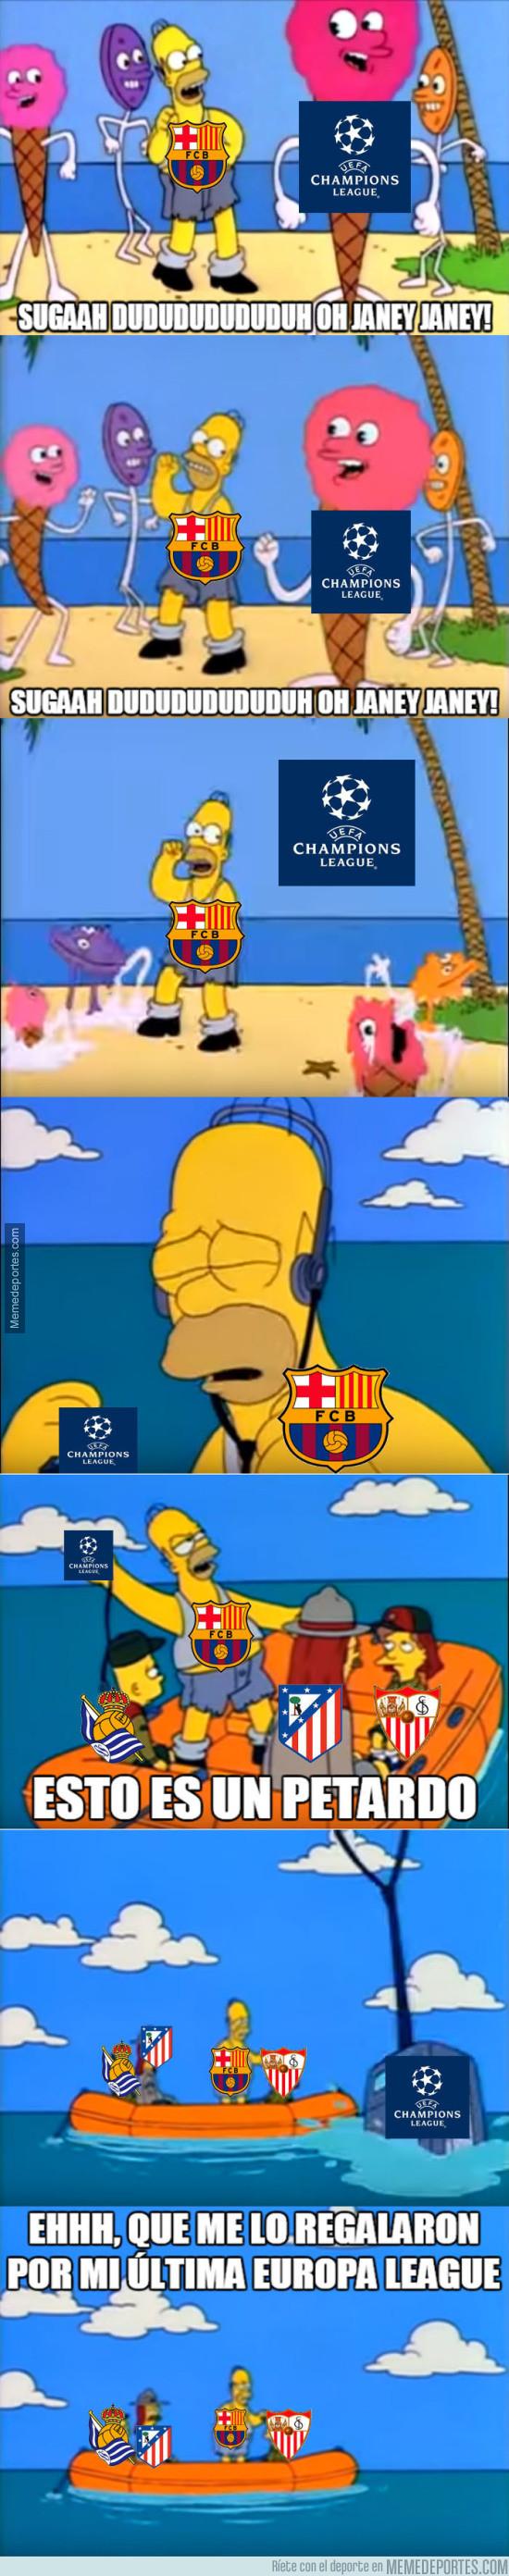 957860 - El Barça se despertó de la Champions